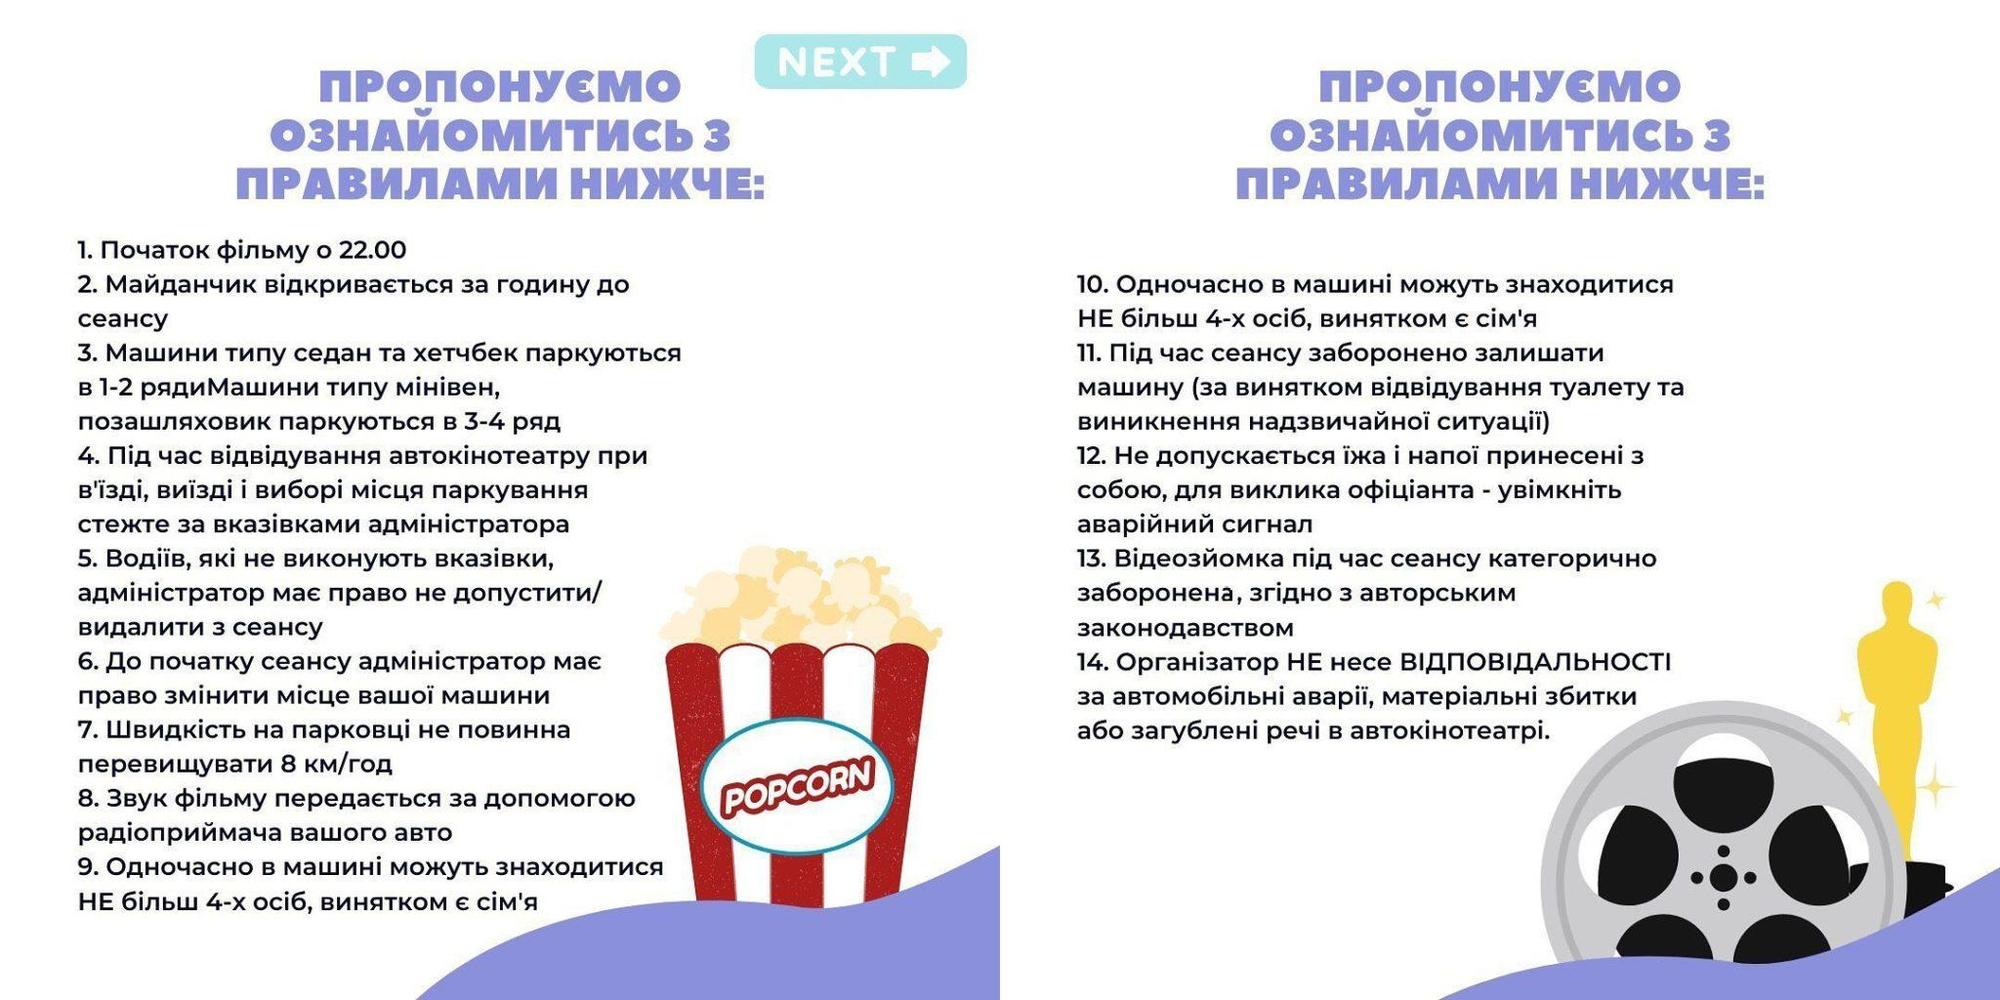 Поехали в кино: в Славянске создадут автокинотеатр. Тестовый сеанс – уже сегодня